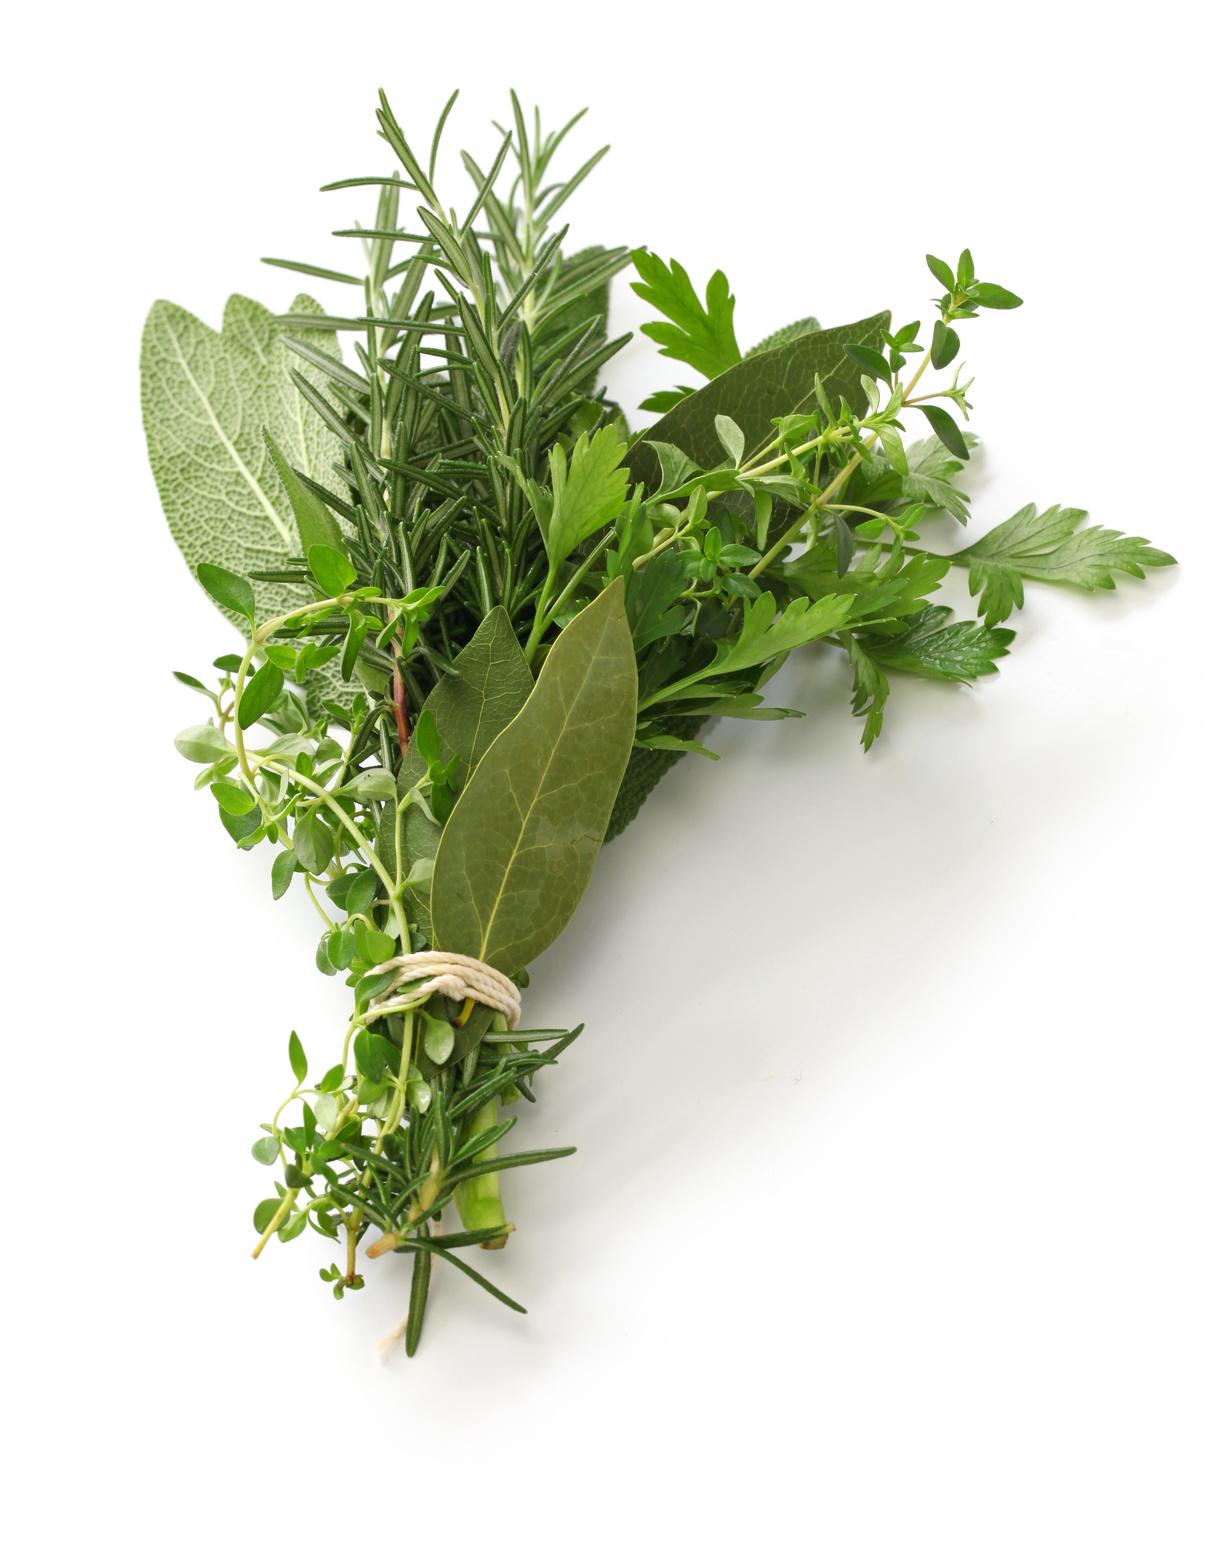 herbes aromatiques fraîches